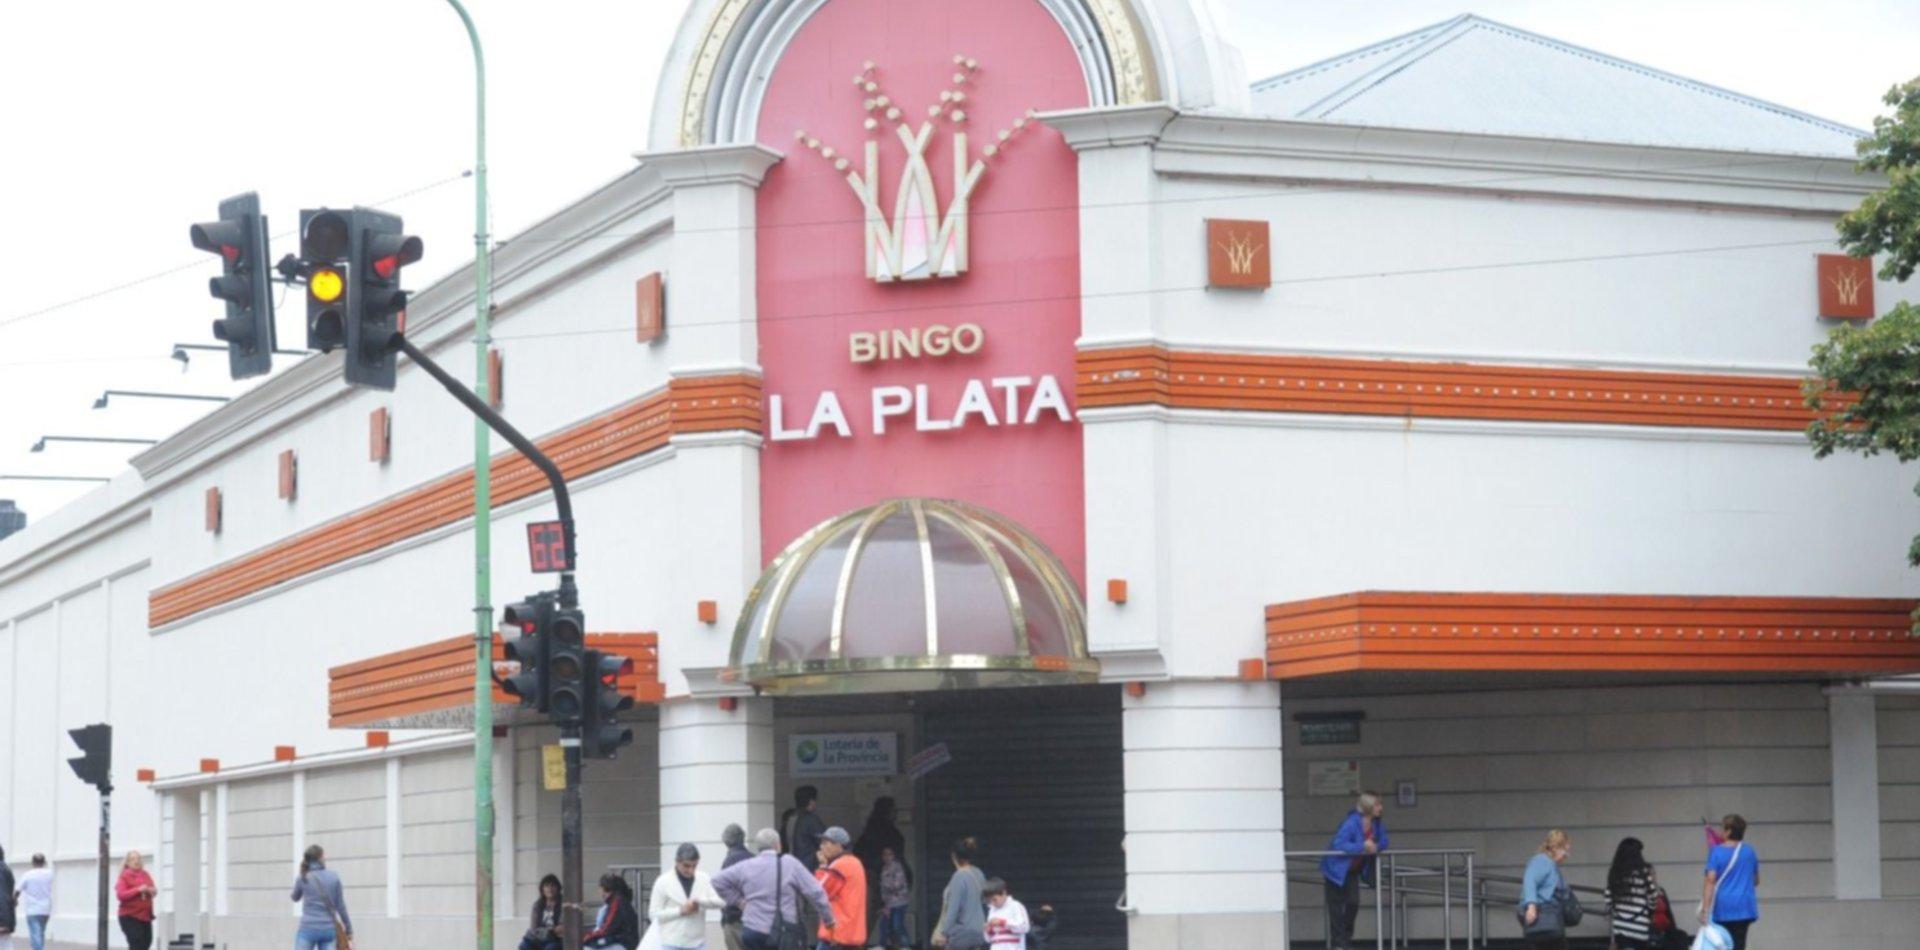 Después de tres meses, vuelve a reabrir el Bingo de La Plata